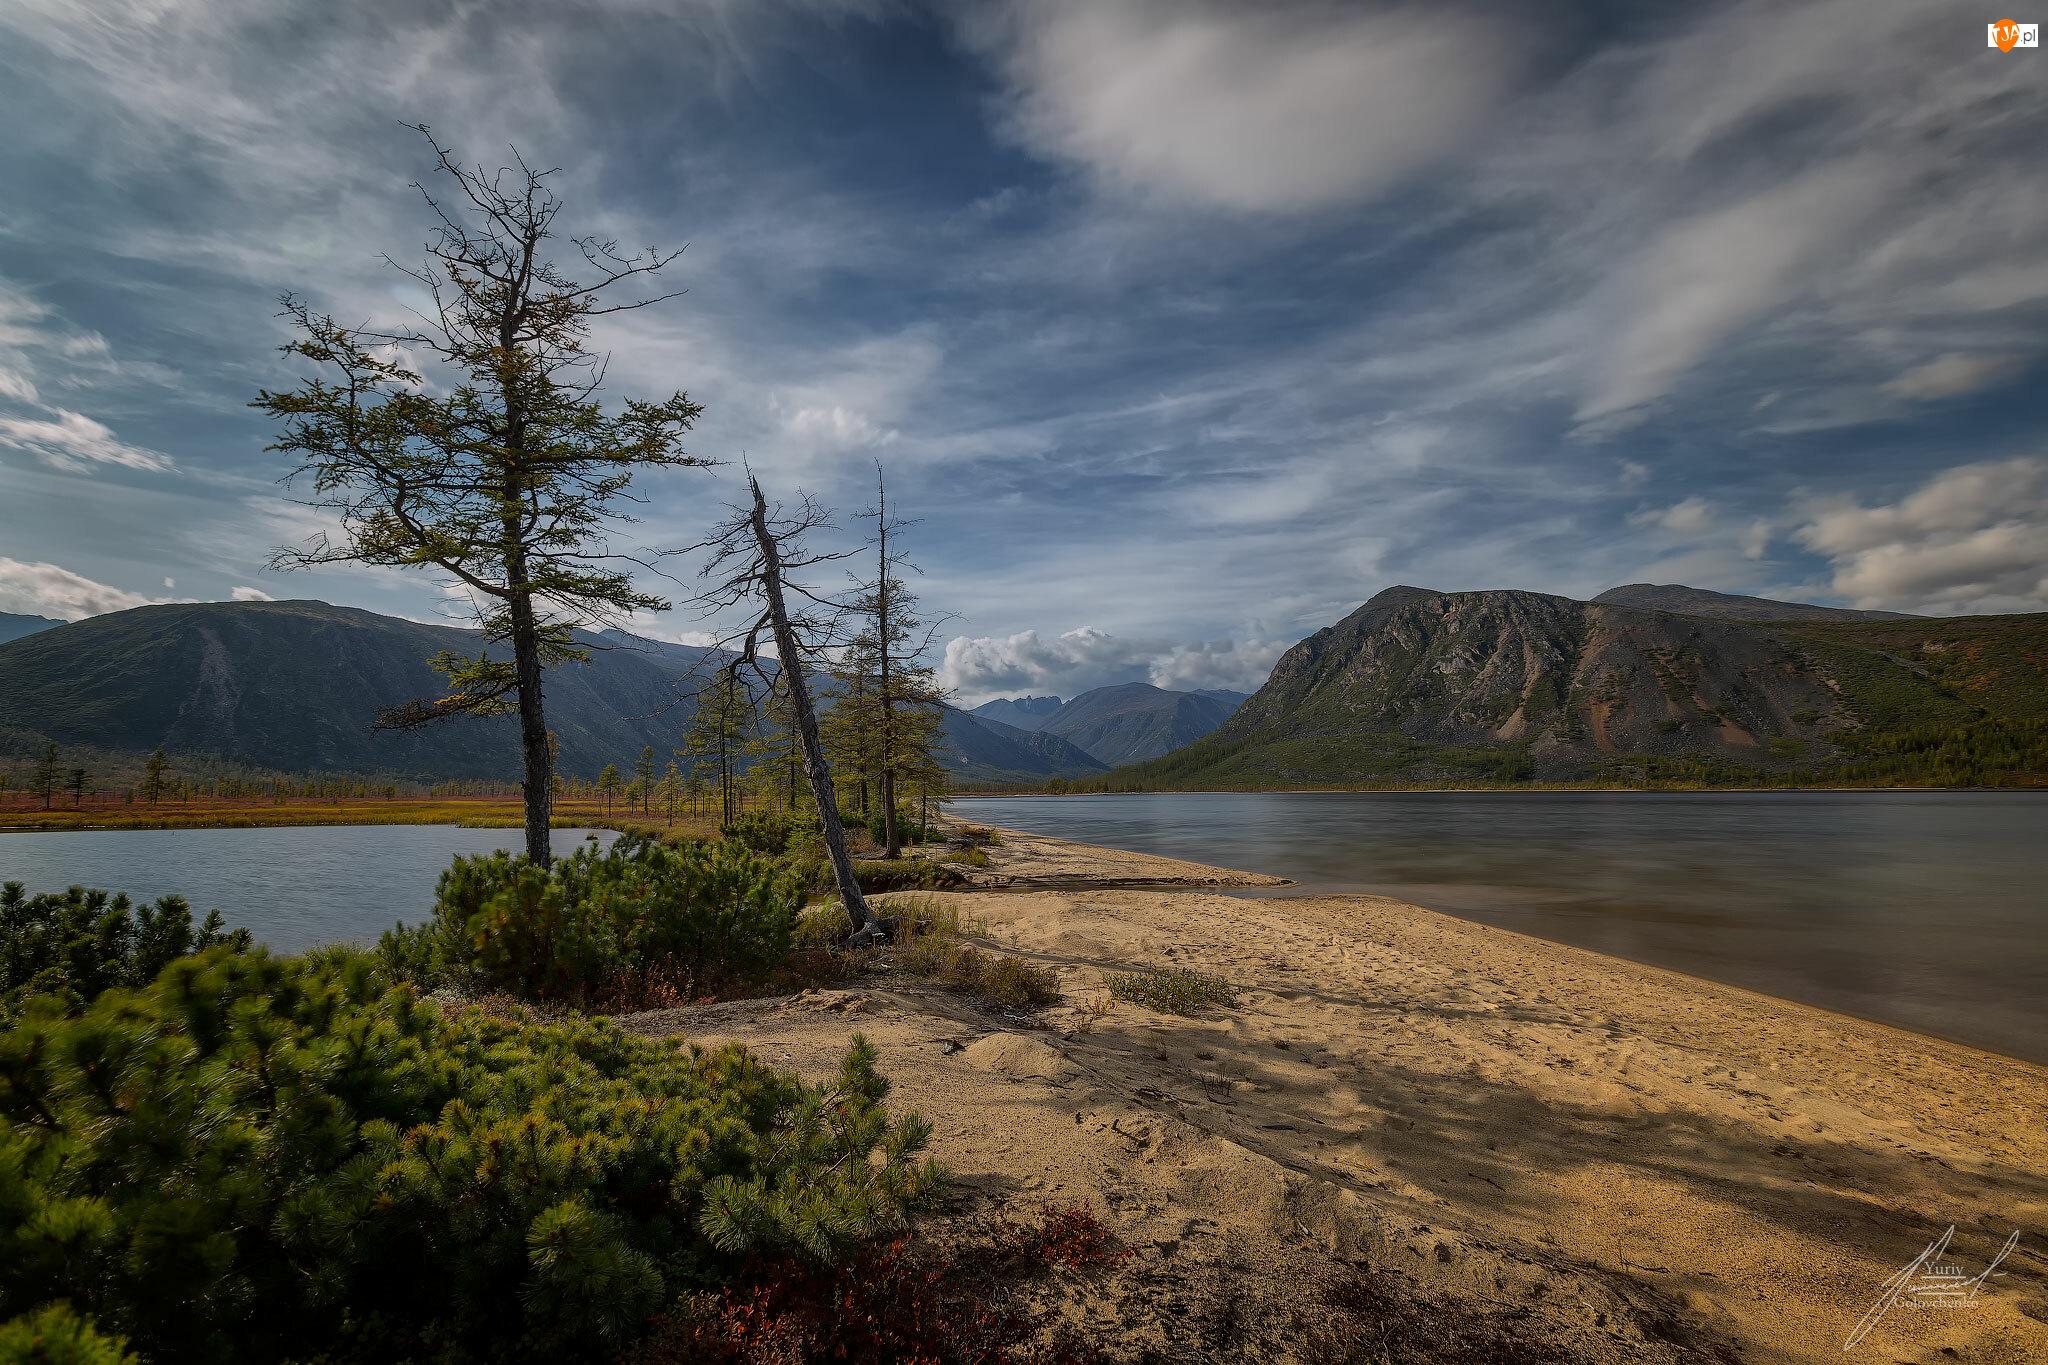 Kołyma, Niebo, Góry Kołymskie, Magadan, Chmury, Jezioro Jacka Londona, Rosja, Drzewa